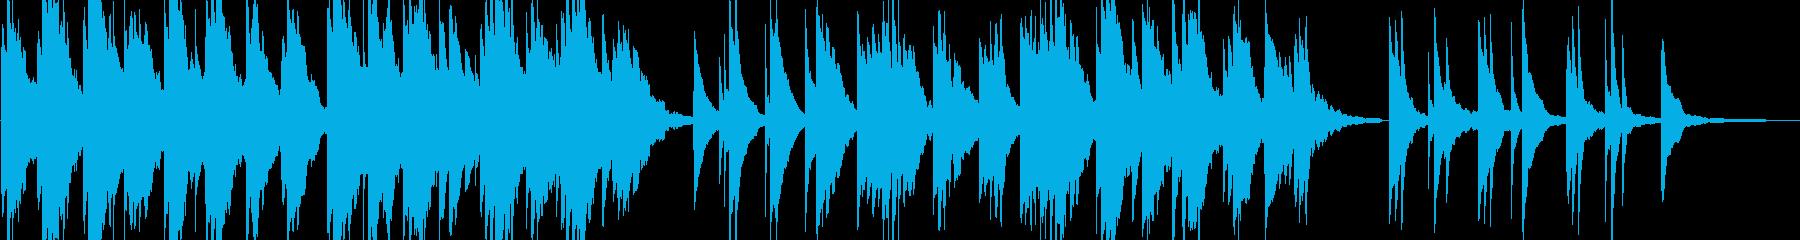 企業VP15 16bit48kHzVerの再生済みの波形